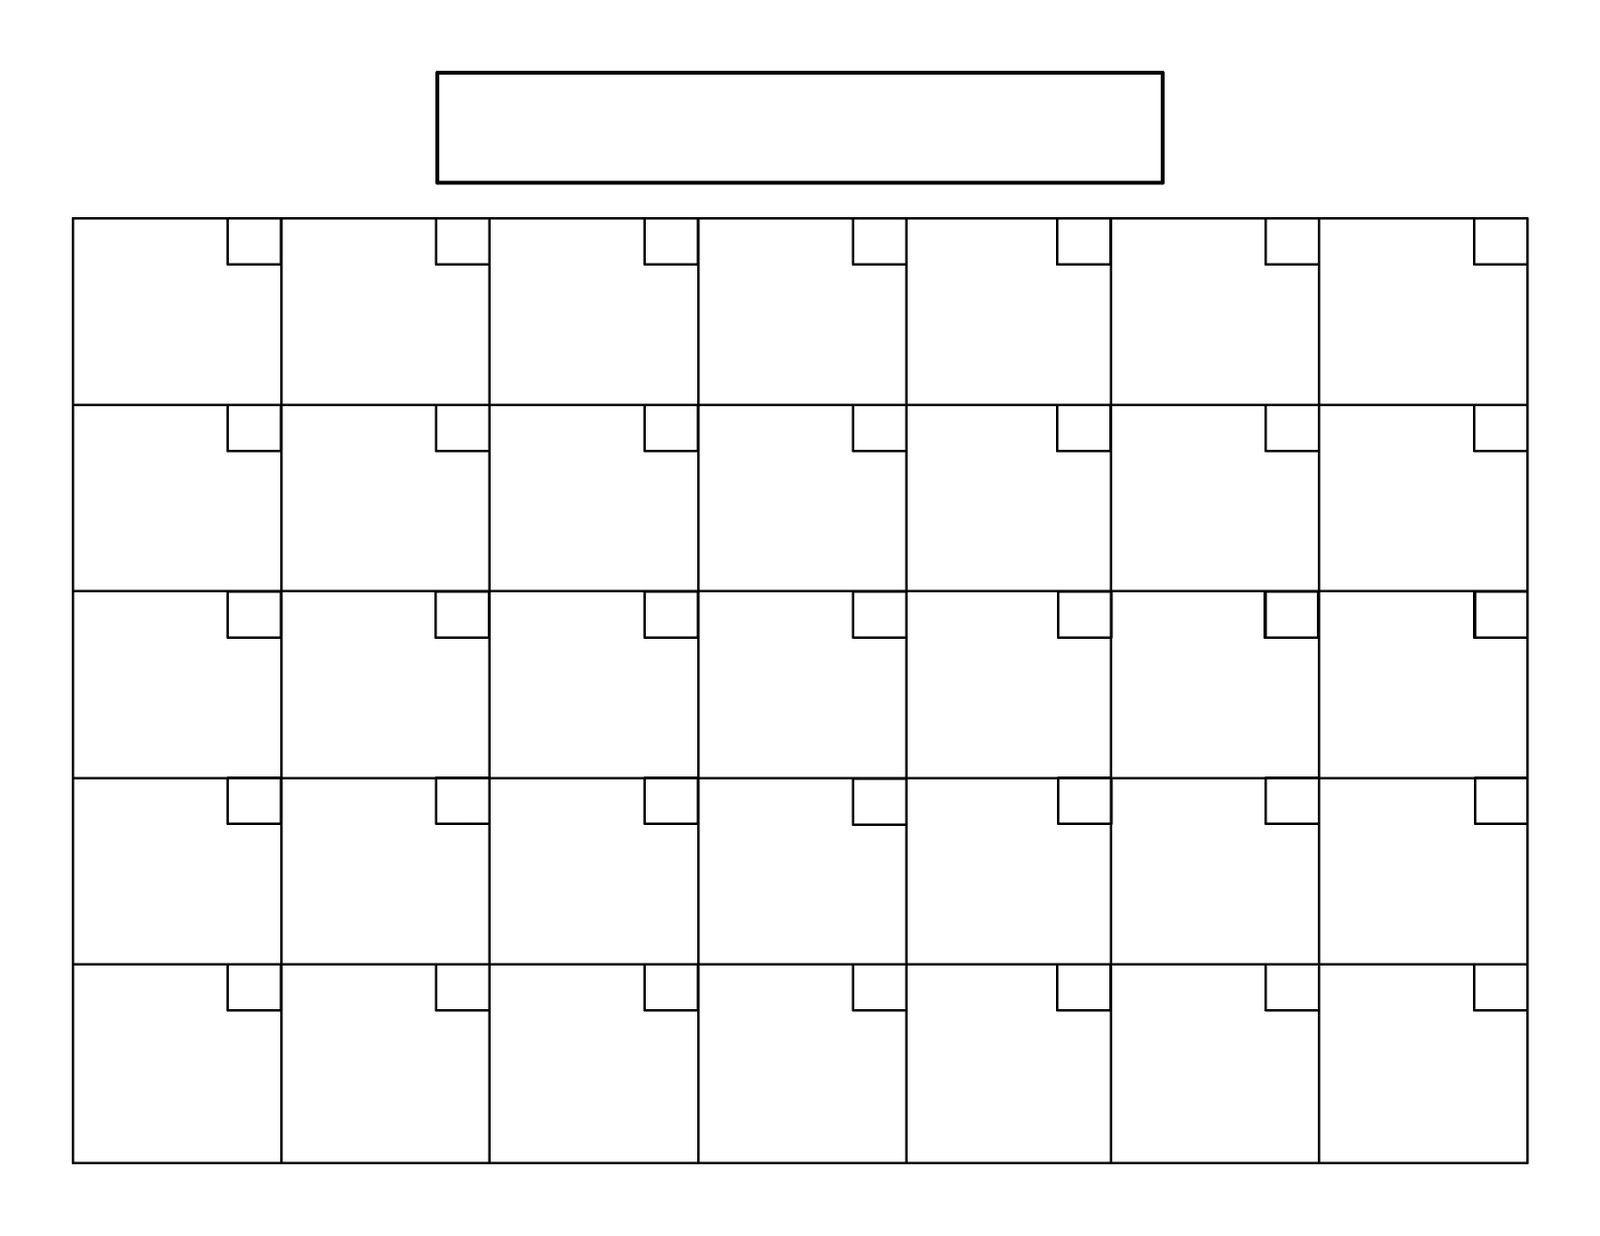 Blank Calendar With 31 Day Calendar Template - Free Calendar Collection throughout Printable Blank 31 Day Calendar